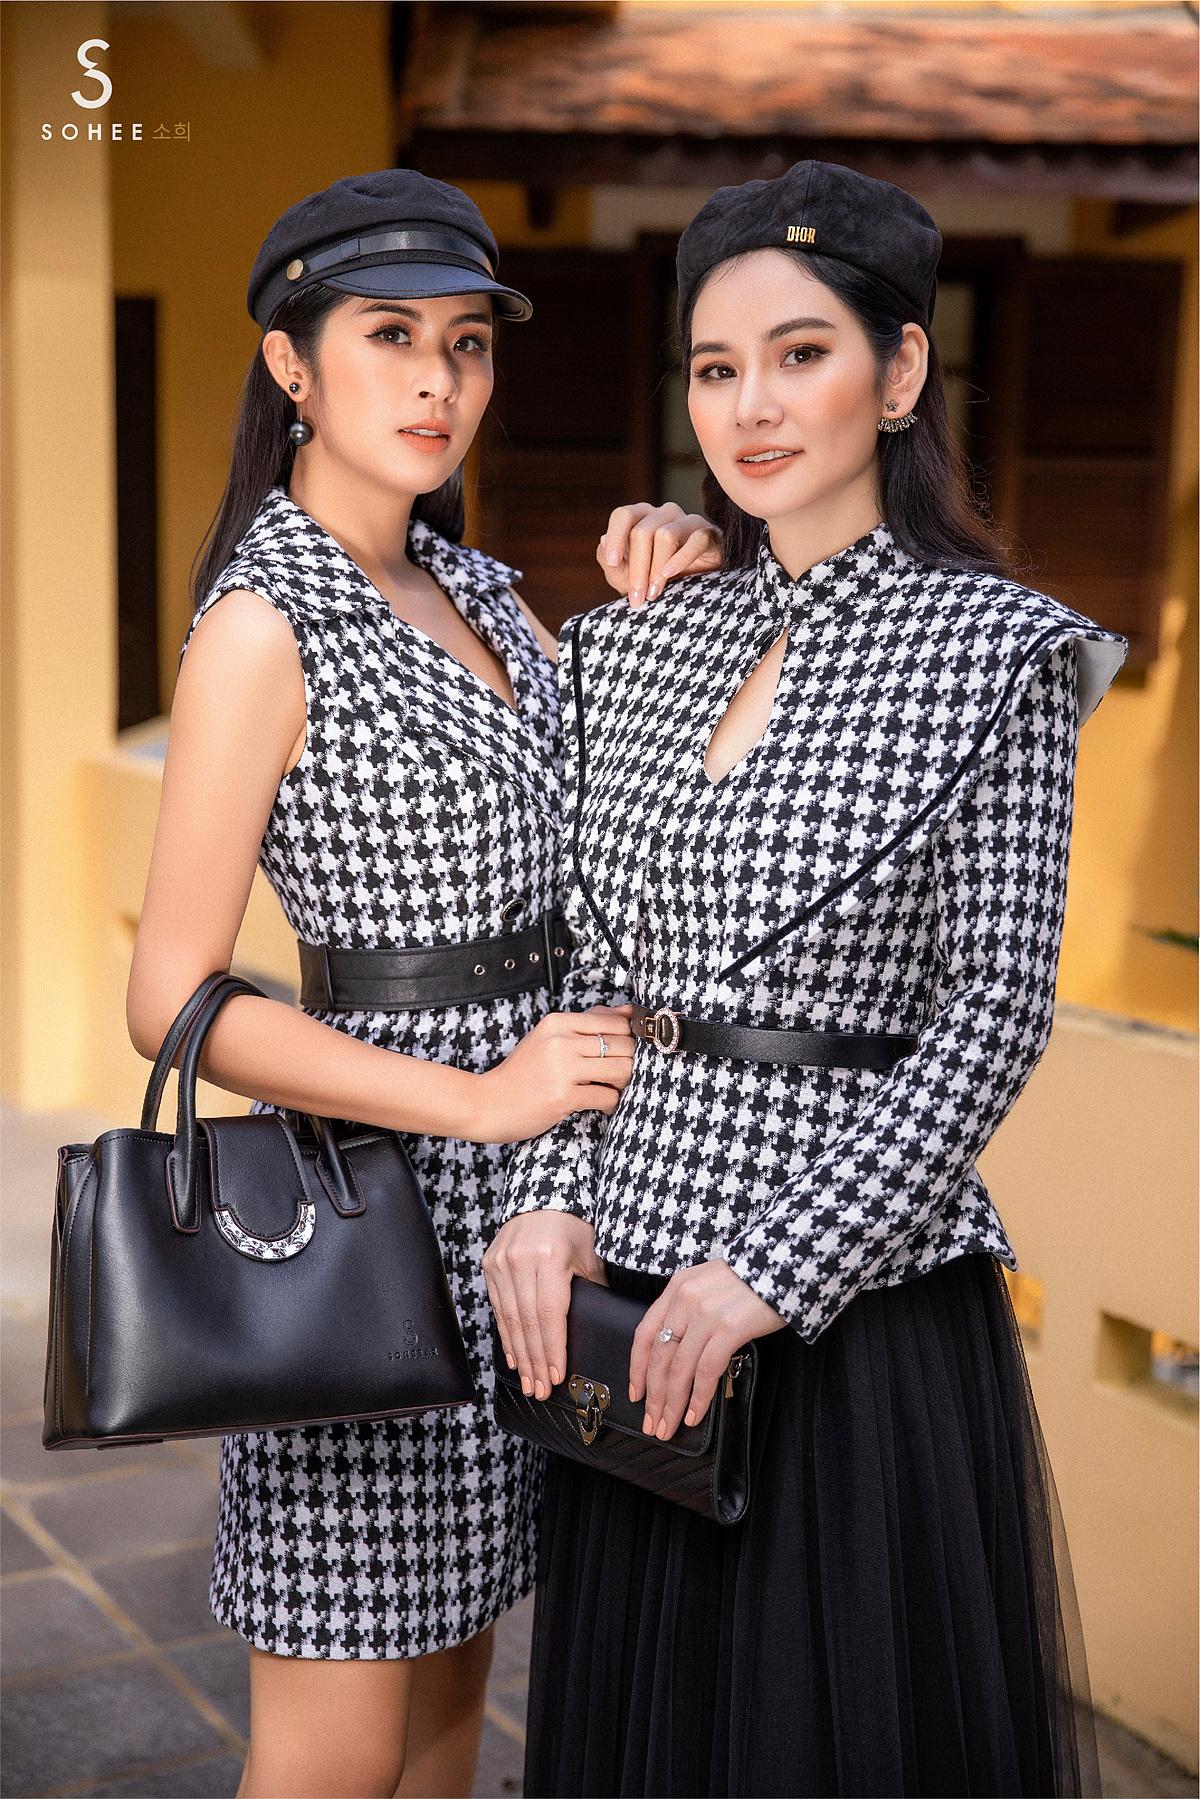 Trong chiến dịch quảng bá cho bộ sưu tập, thực hiện tại Đà Lạt, Hoa hậu Ngọc Hân vừa làm người mẫu cùng doanh nhân Hà Bùi vừa đảm nhận vai trò stylist cho bộ ảnh. Cô cho biết, cô mong muốn gợi ý cho khách hàng của Sohee các cách phối đồ, phụ kiện đơn giản nhưng hiệu quả.